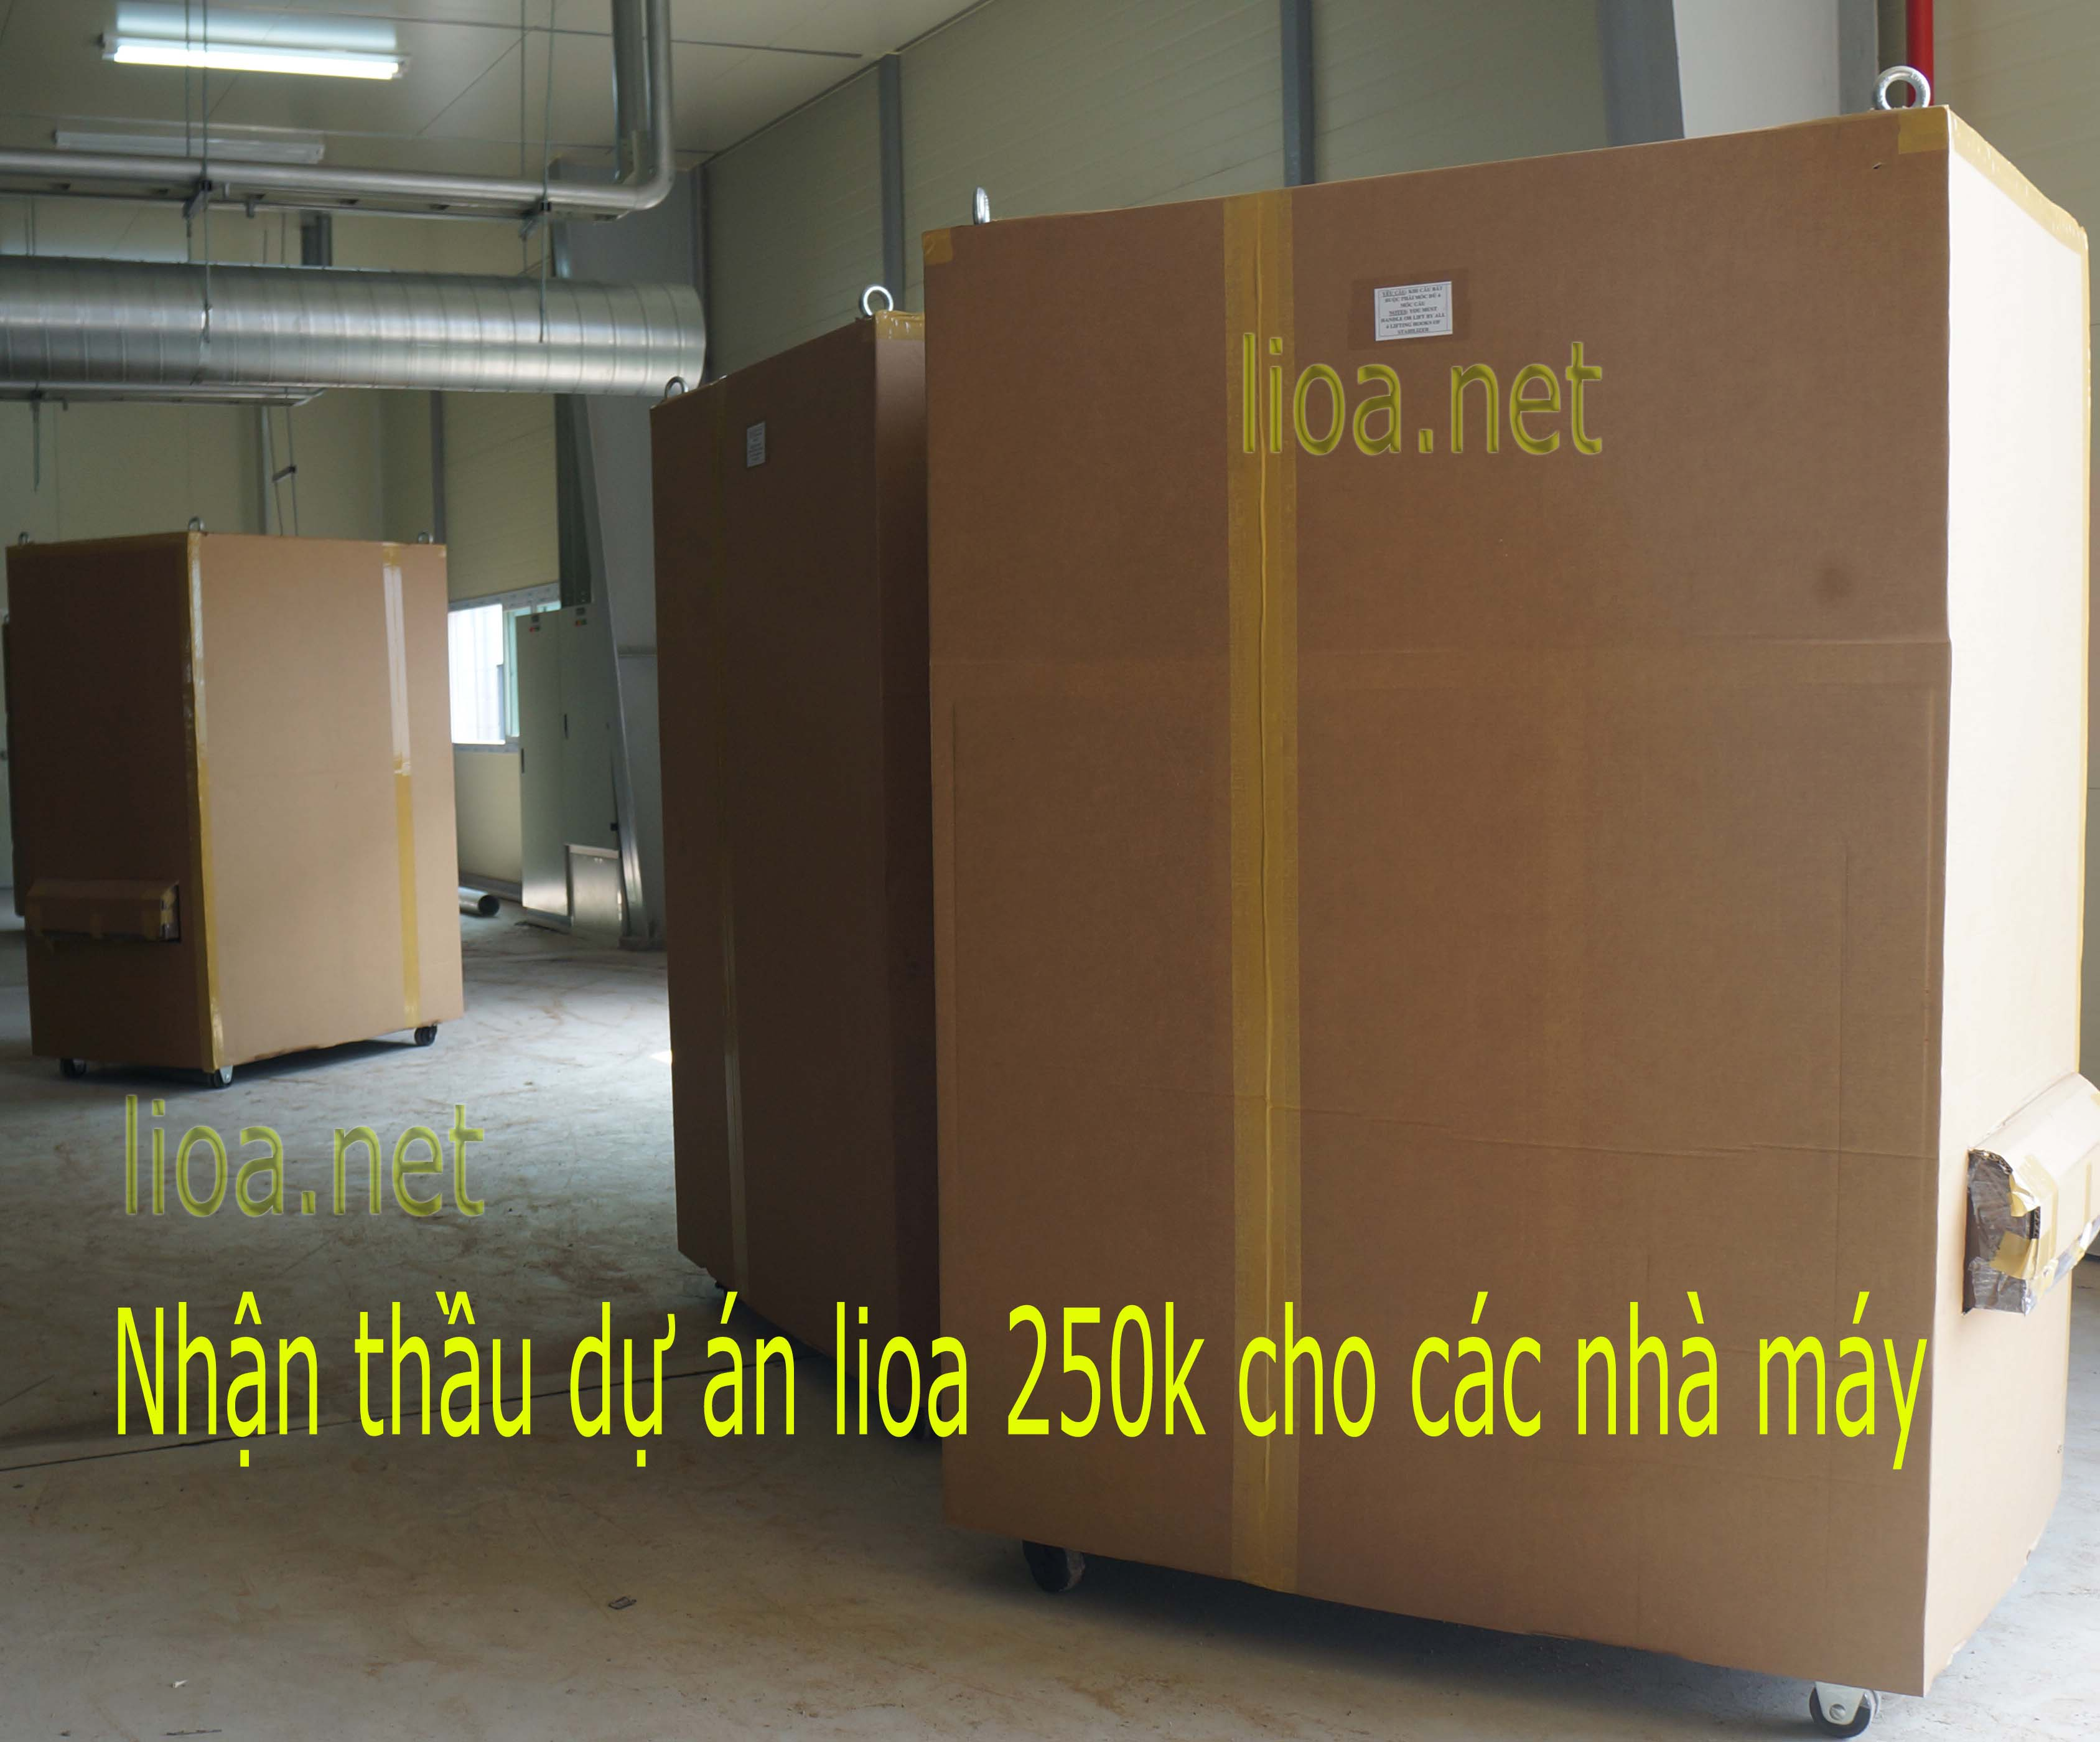 Nhan thau lioa 250k cho cac nha may